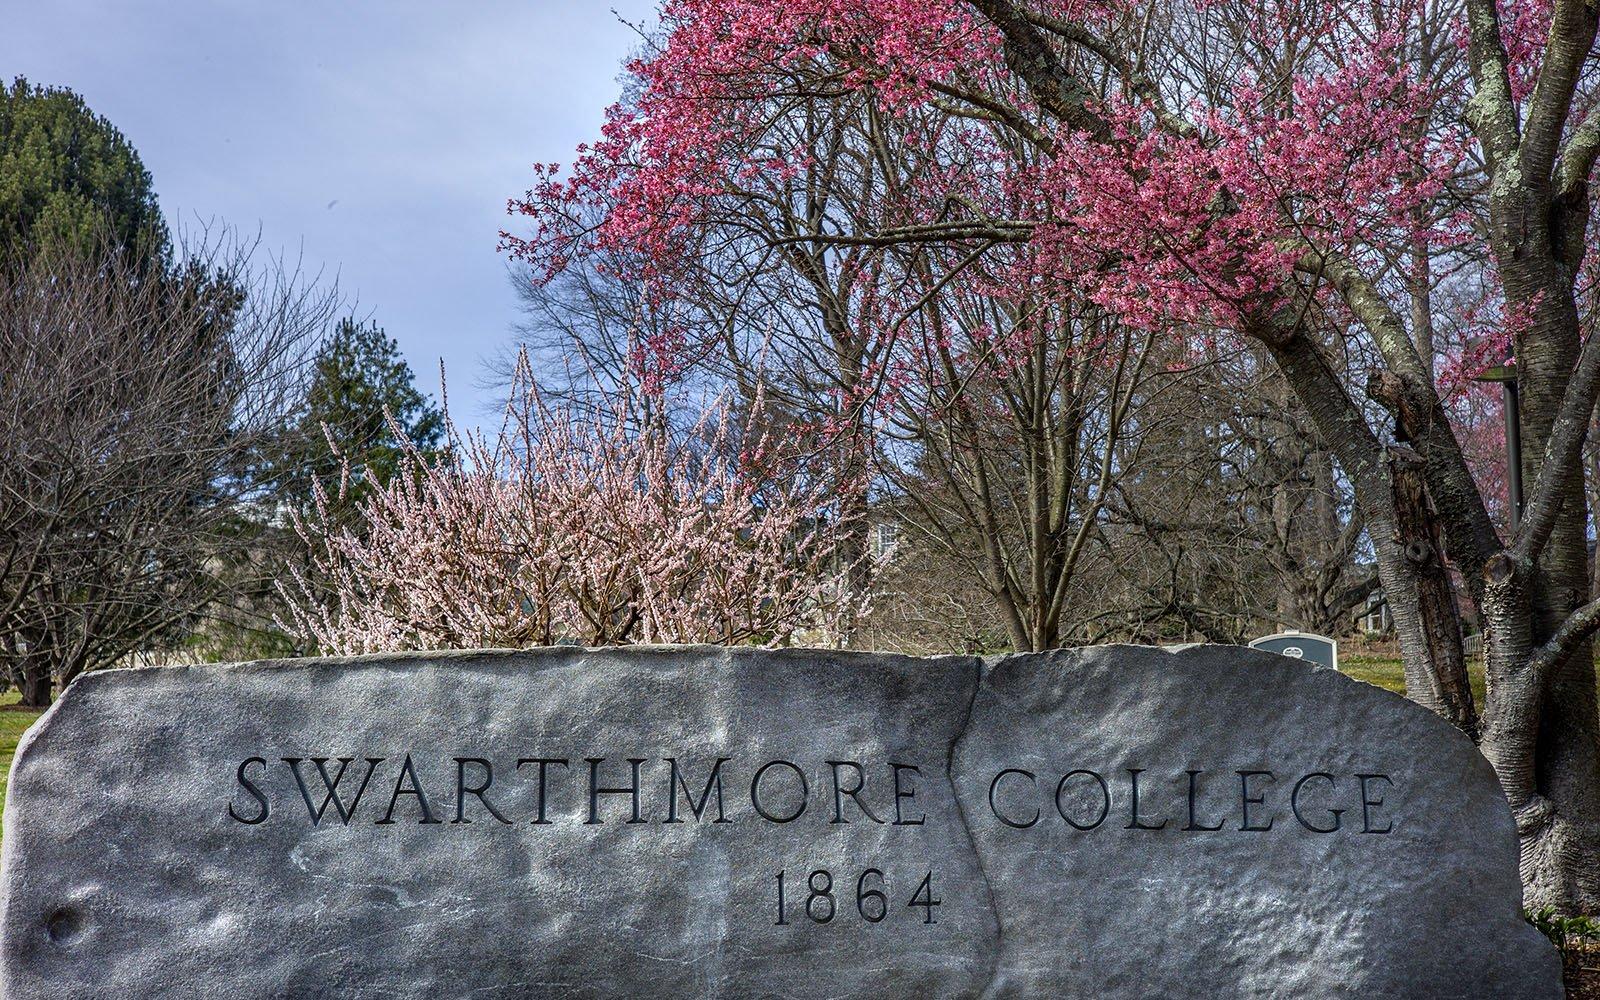 swarthmore stone